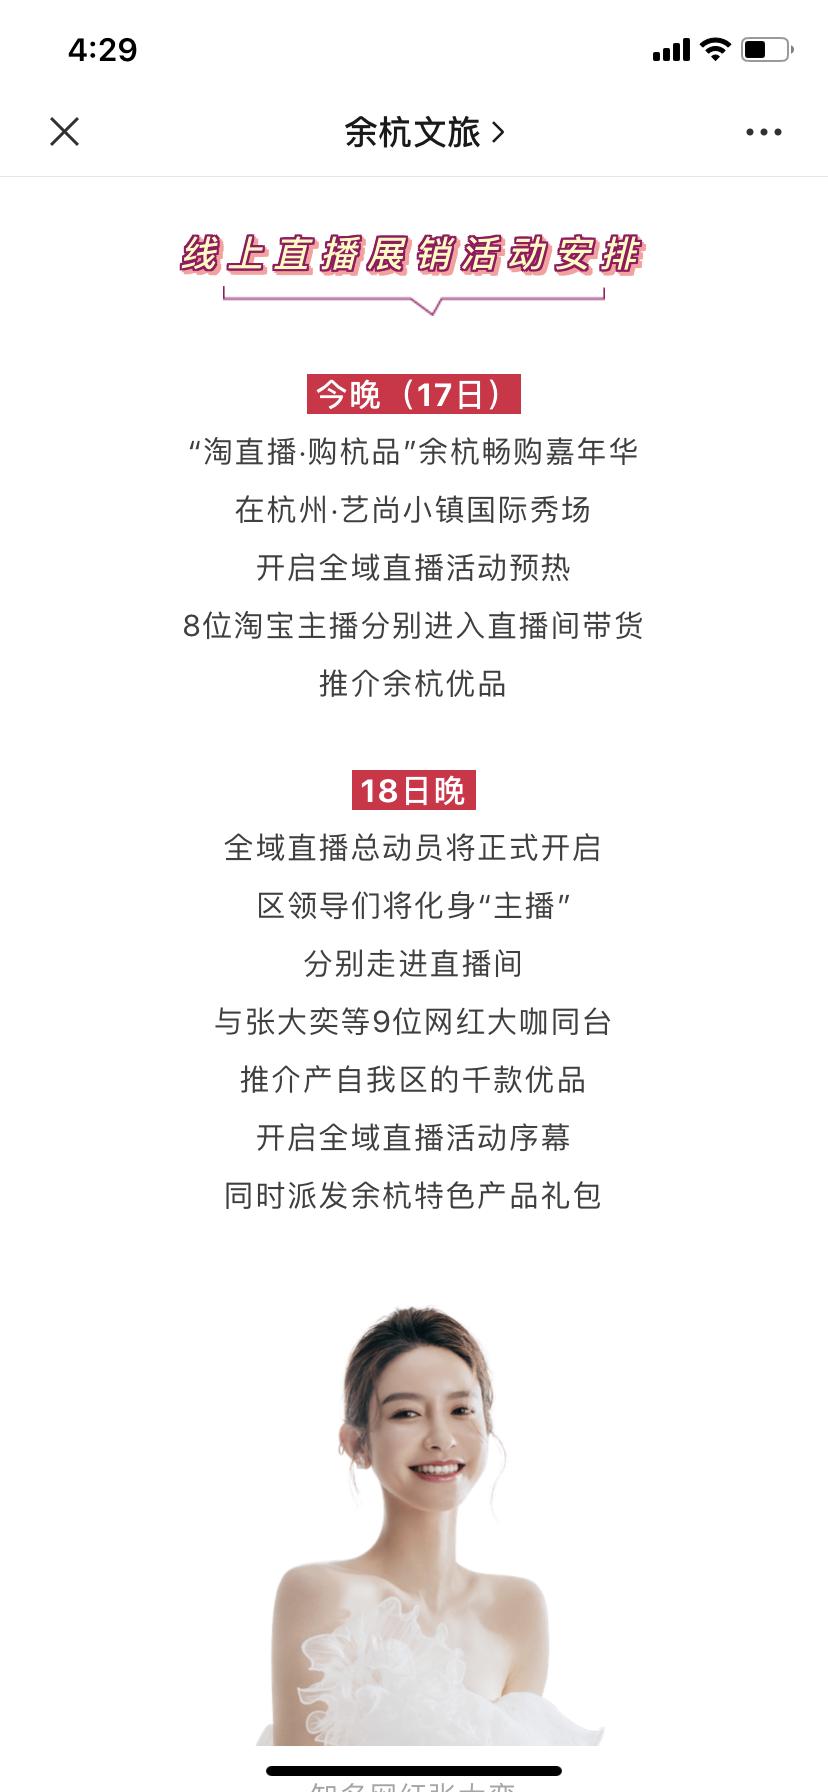 """小三怀孕上位?疑似淘宝总裁夫人,开撕网红张大奕:""""别再招惹我老公!""""-90咸鱼网"""